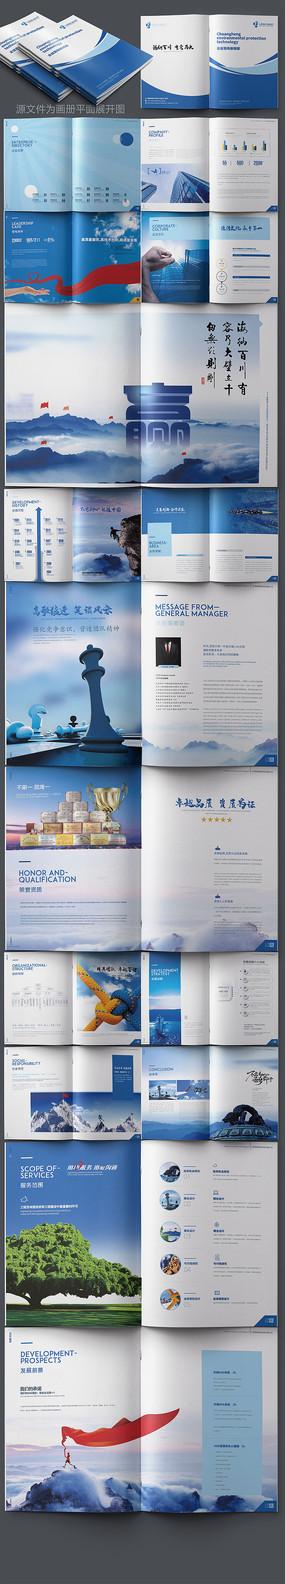 蓝色大气企业画册